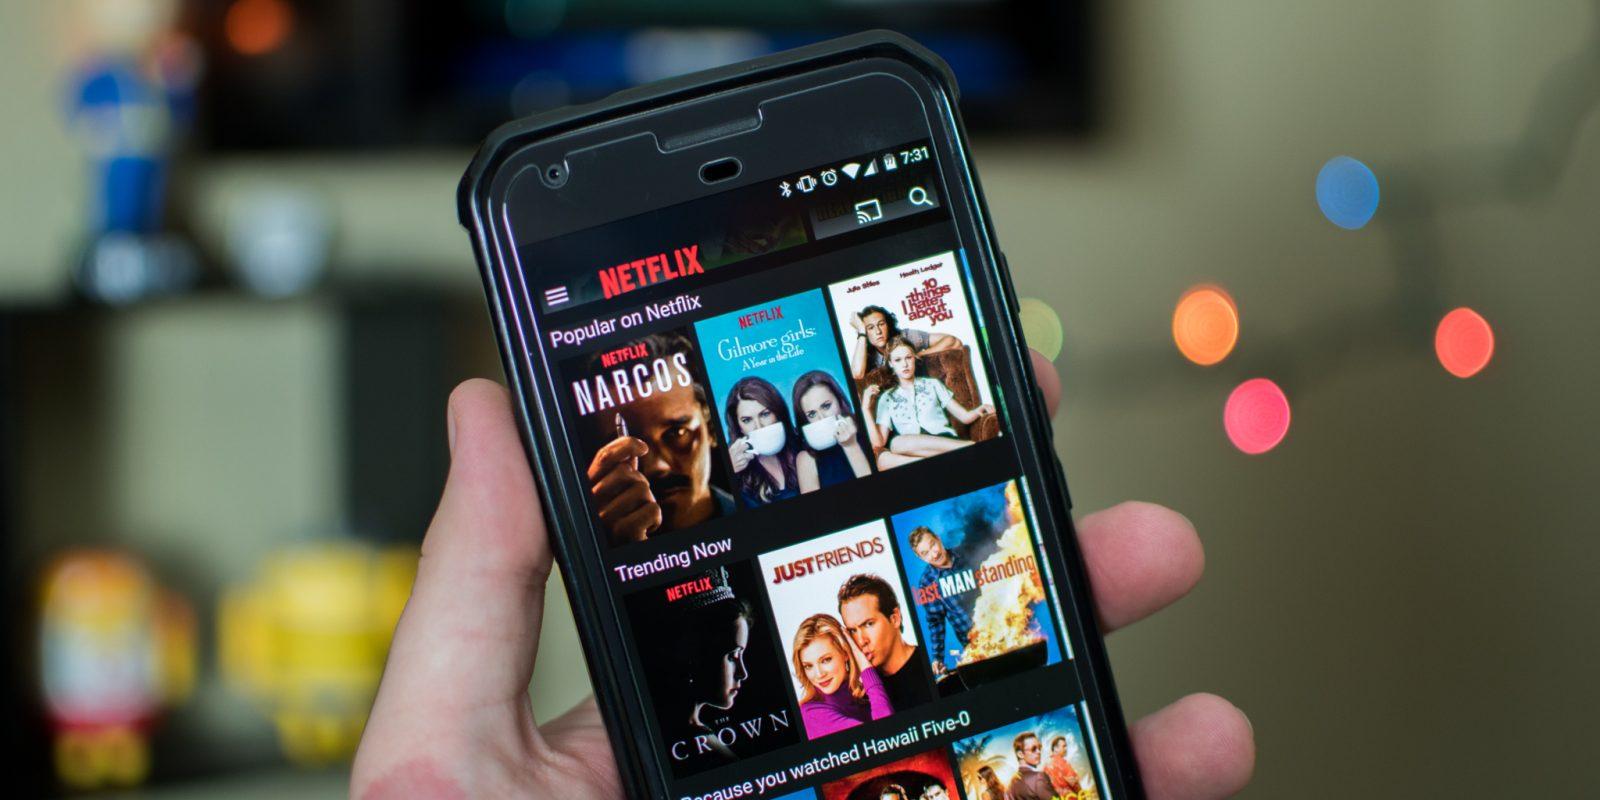 Chia sẻ ứng dụng Netflix Premium miễn phí trên Android - Xem phim chất lượng cao đi kèm Vietsub